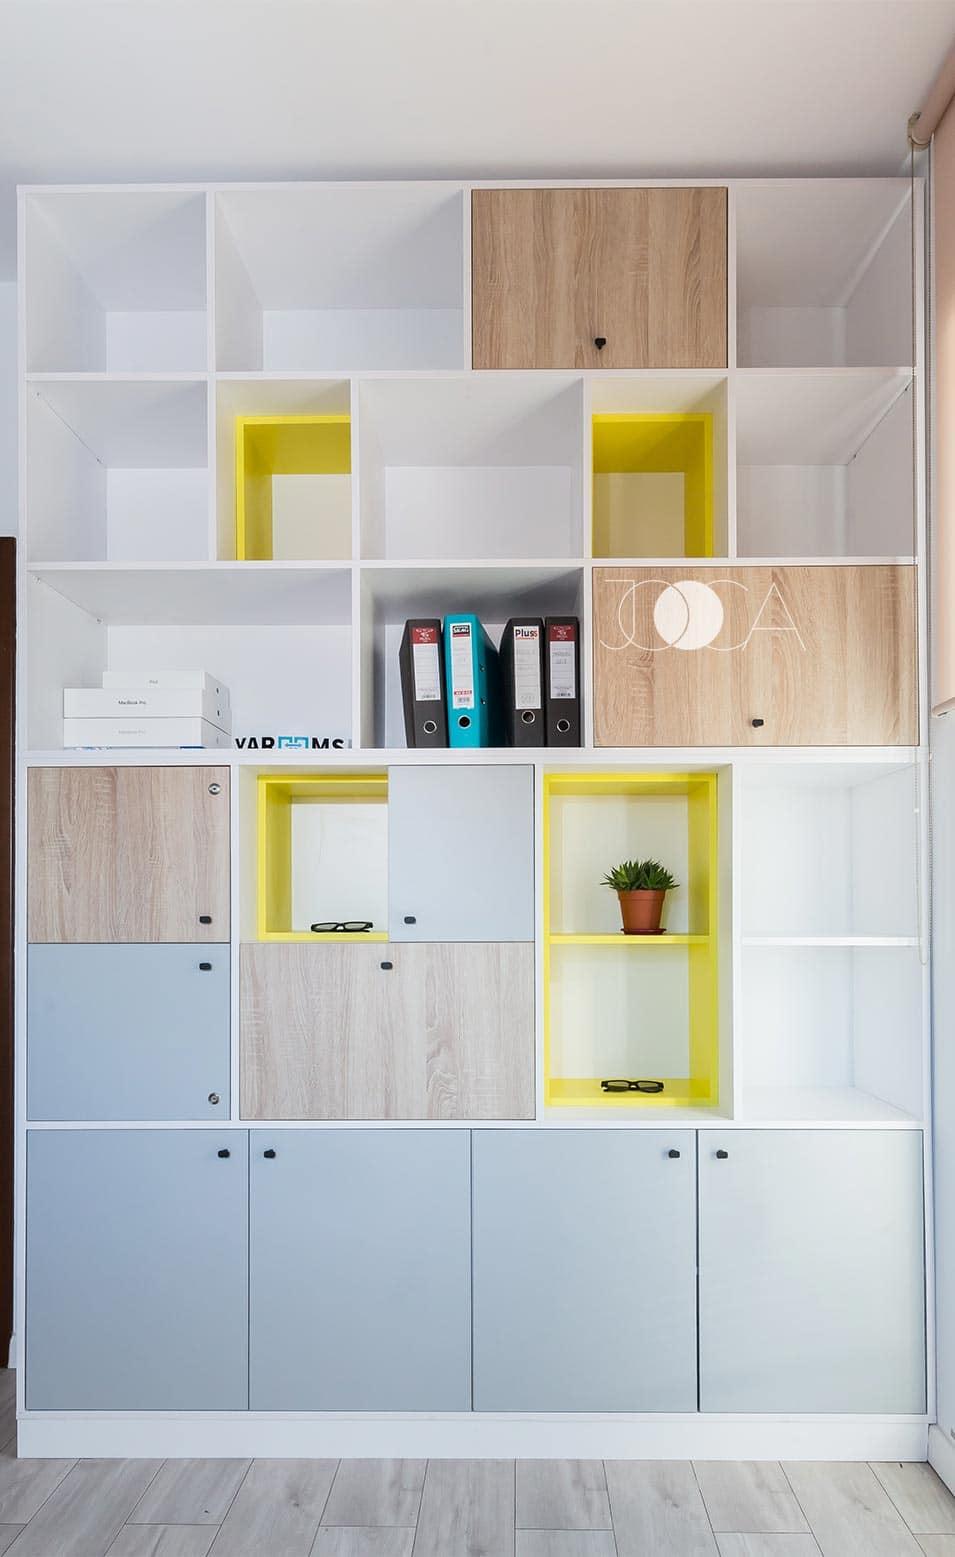 Zona de depozitare are un aer jucaus, cu zone inchise combinate cu cele deschise si culori neutre aflate in contrast cu tonuri vii de galben